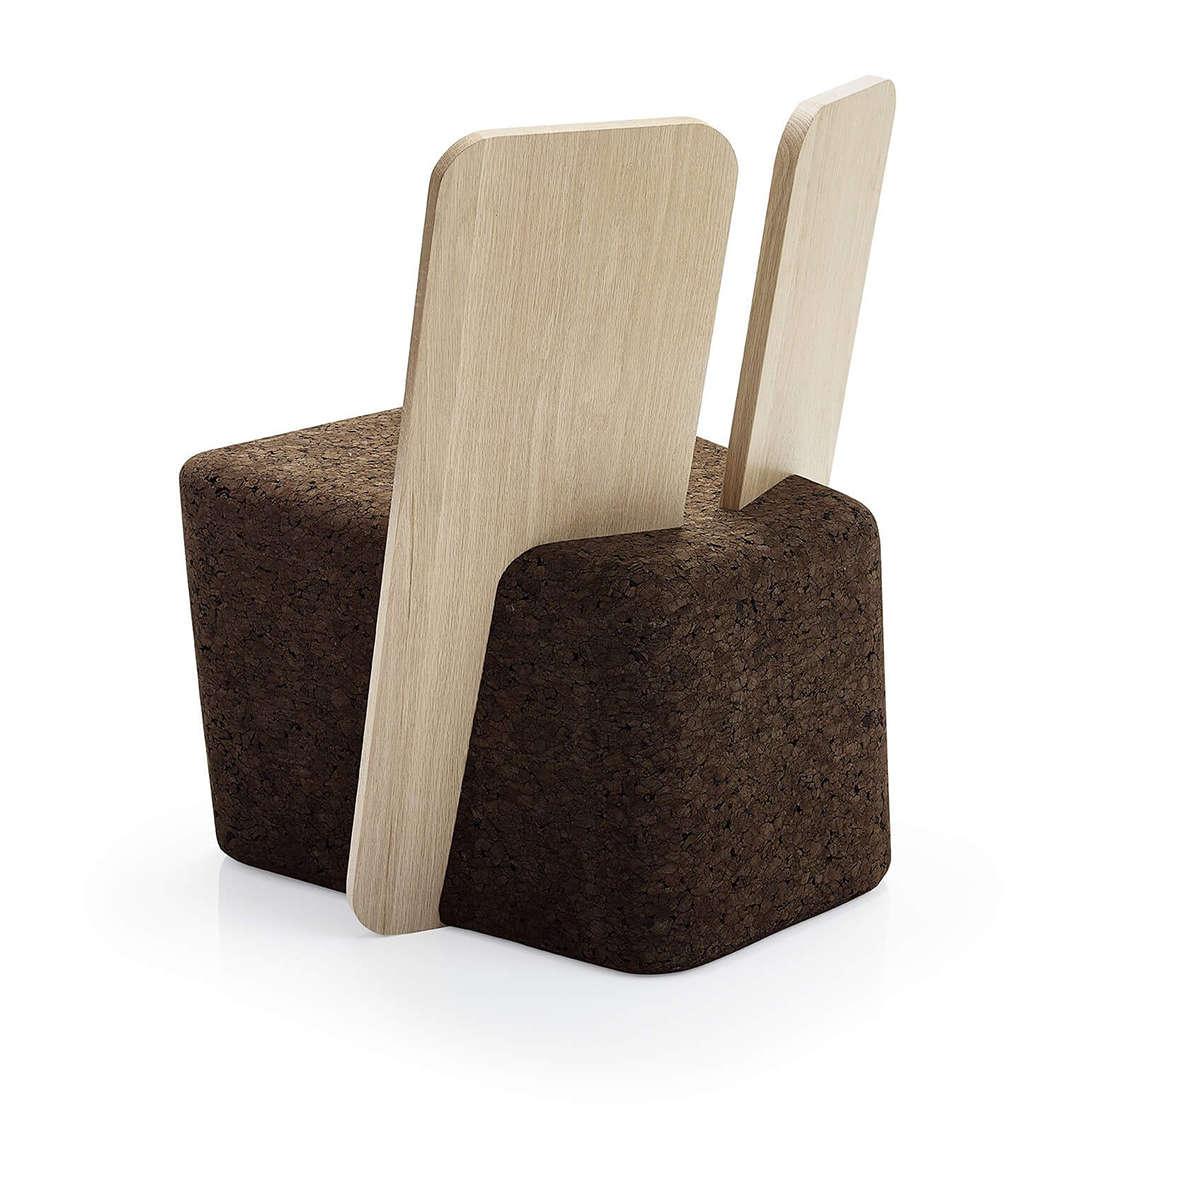 Black Cork Cut Lounge Chair 1